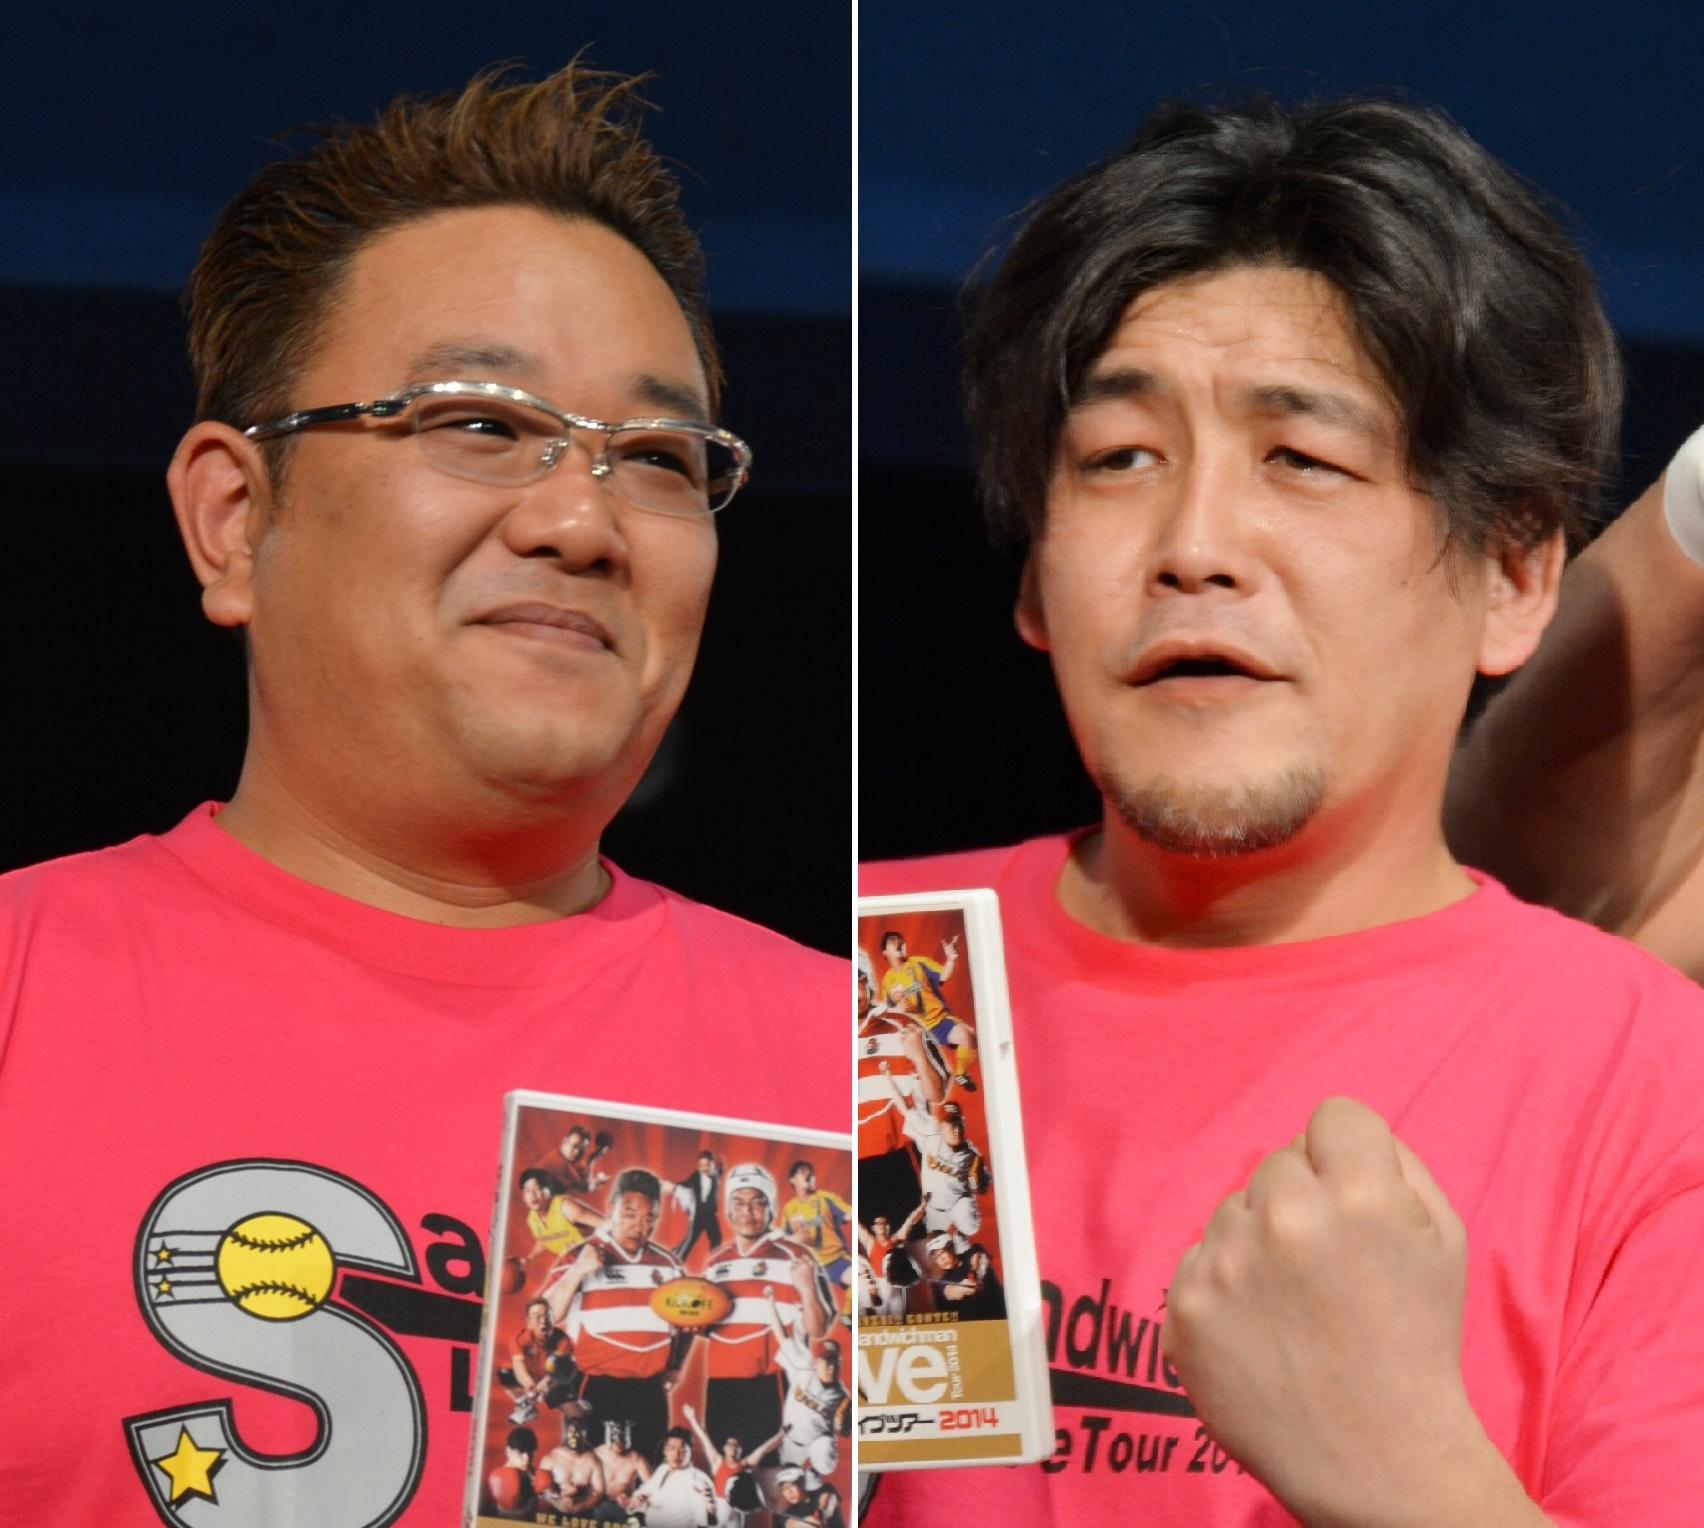 サンドウィッチマン、神戸から釜石へ画面上のボールパスに感動も